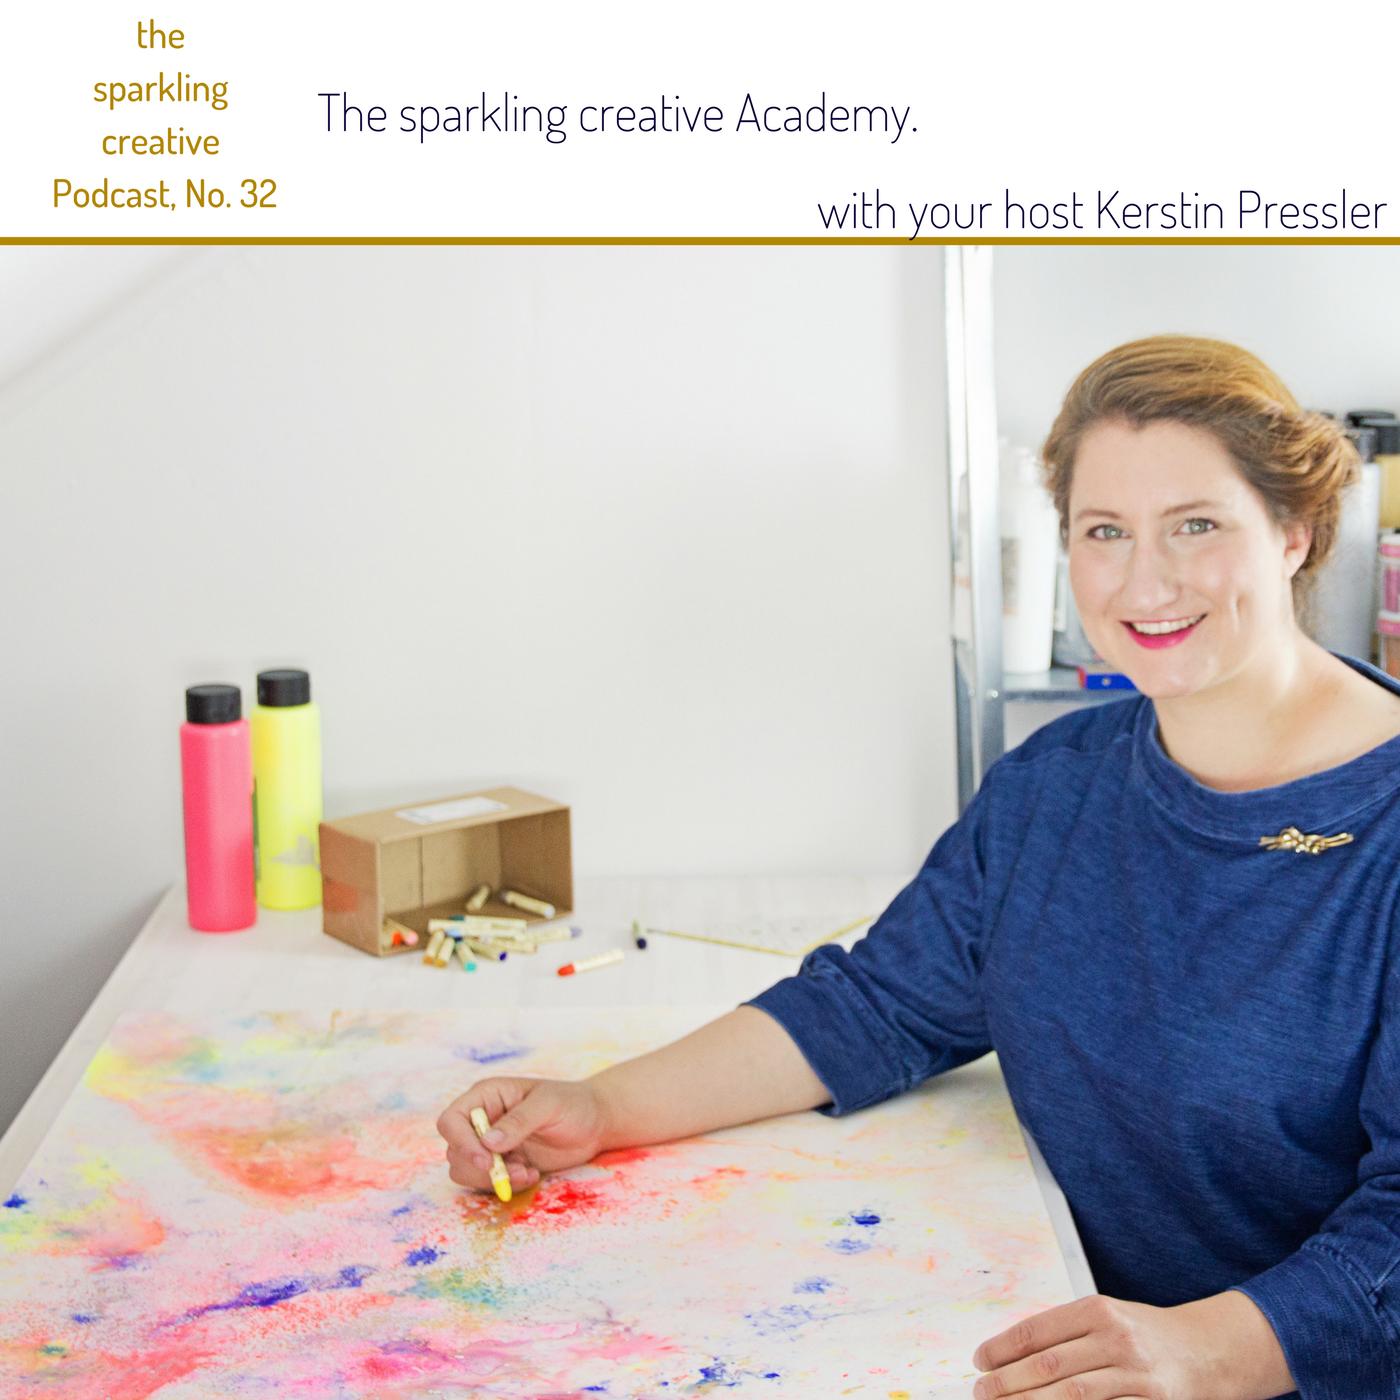 The sparkling creative Podcast, Episode 32: The sparkling creative Academy., Kerstin Pressler, www.kerstinpressler.com/blog-2/episode32